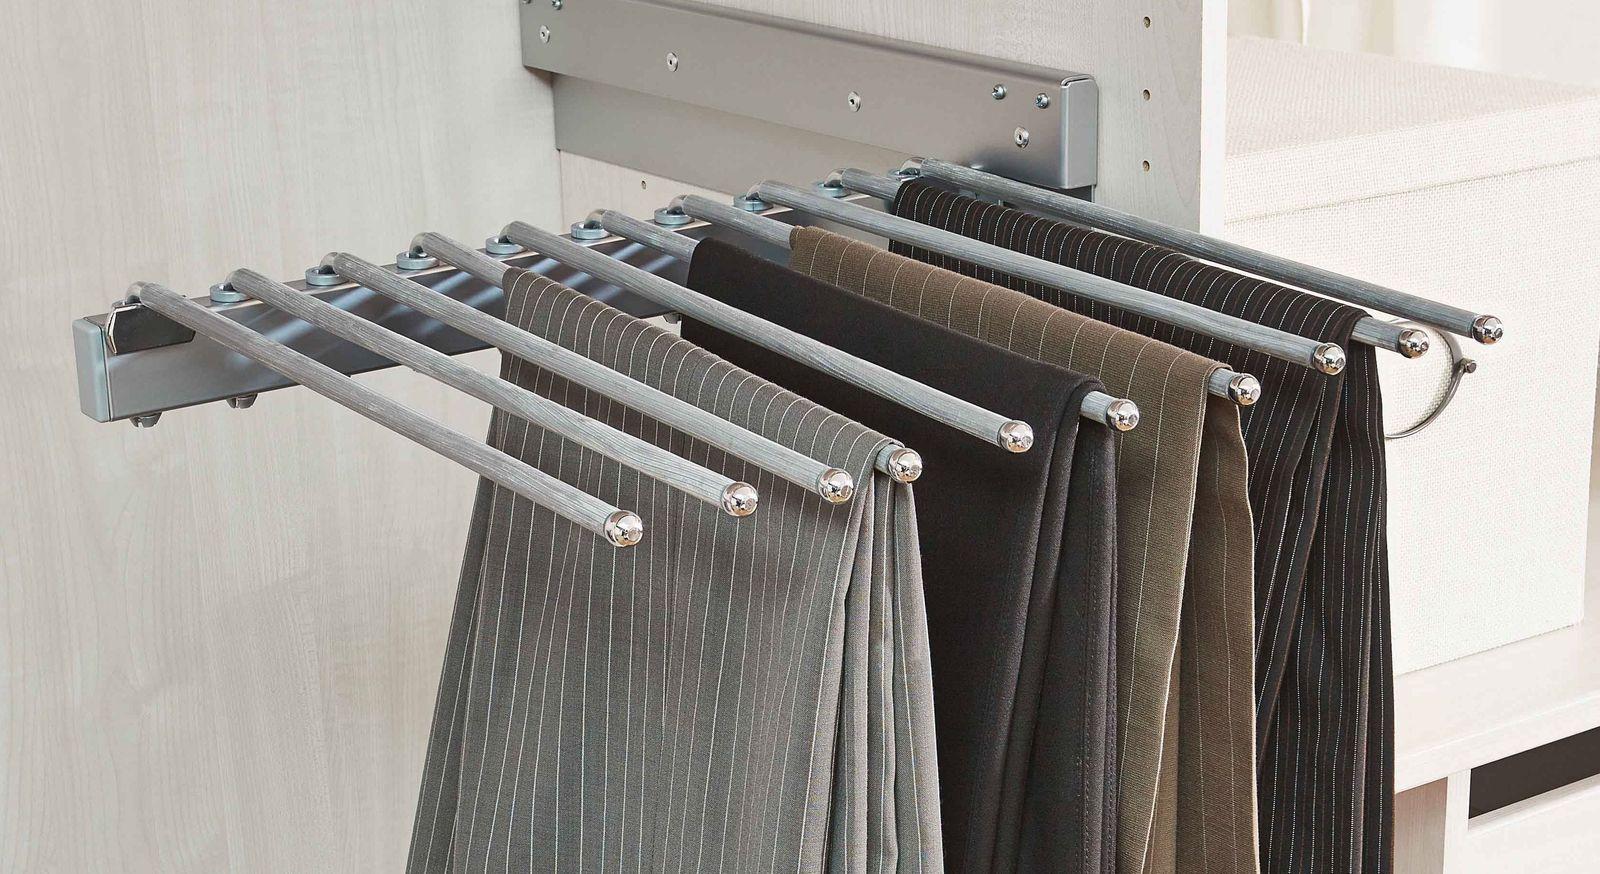 Hosenhalter als Kleiderschrank-Ausstattung